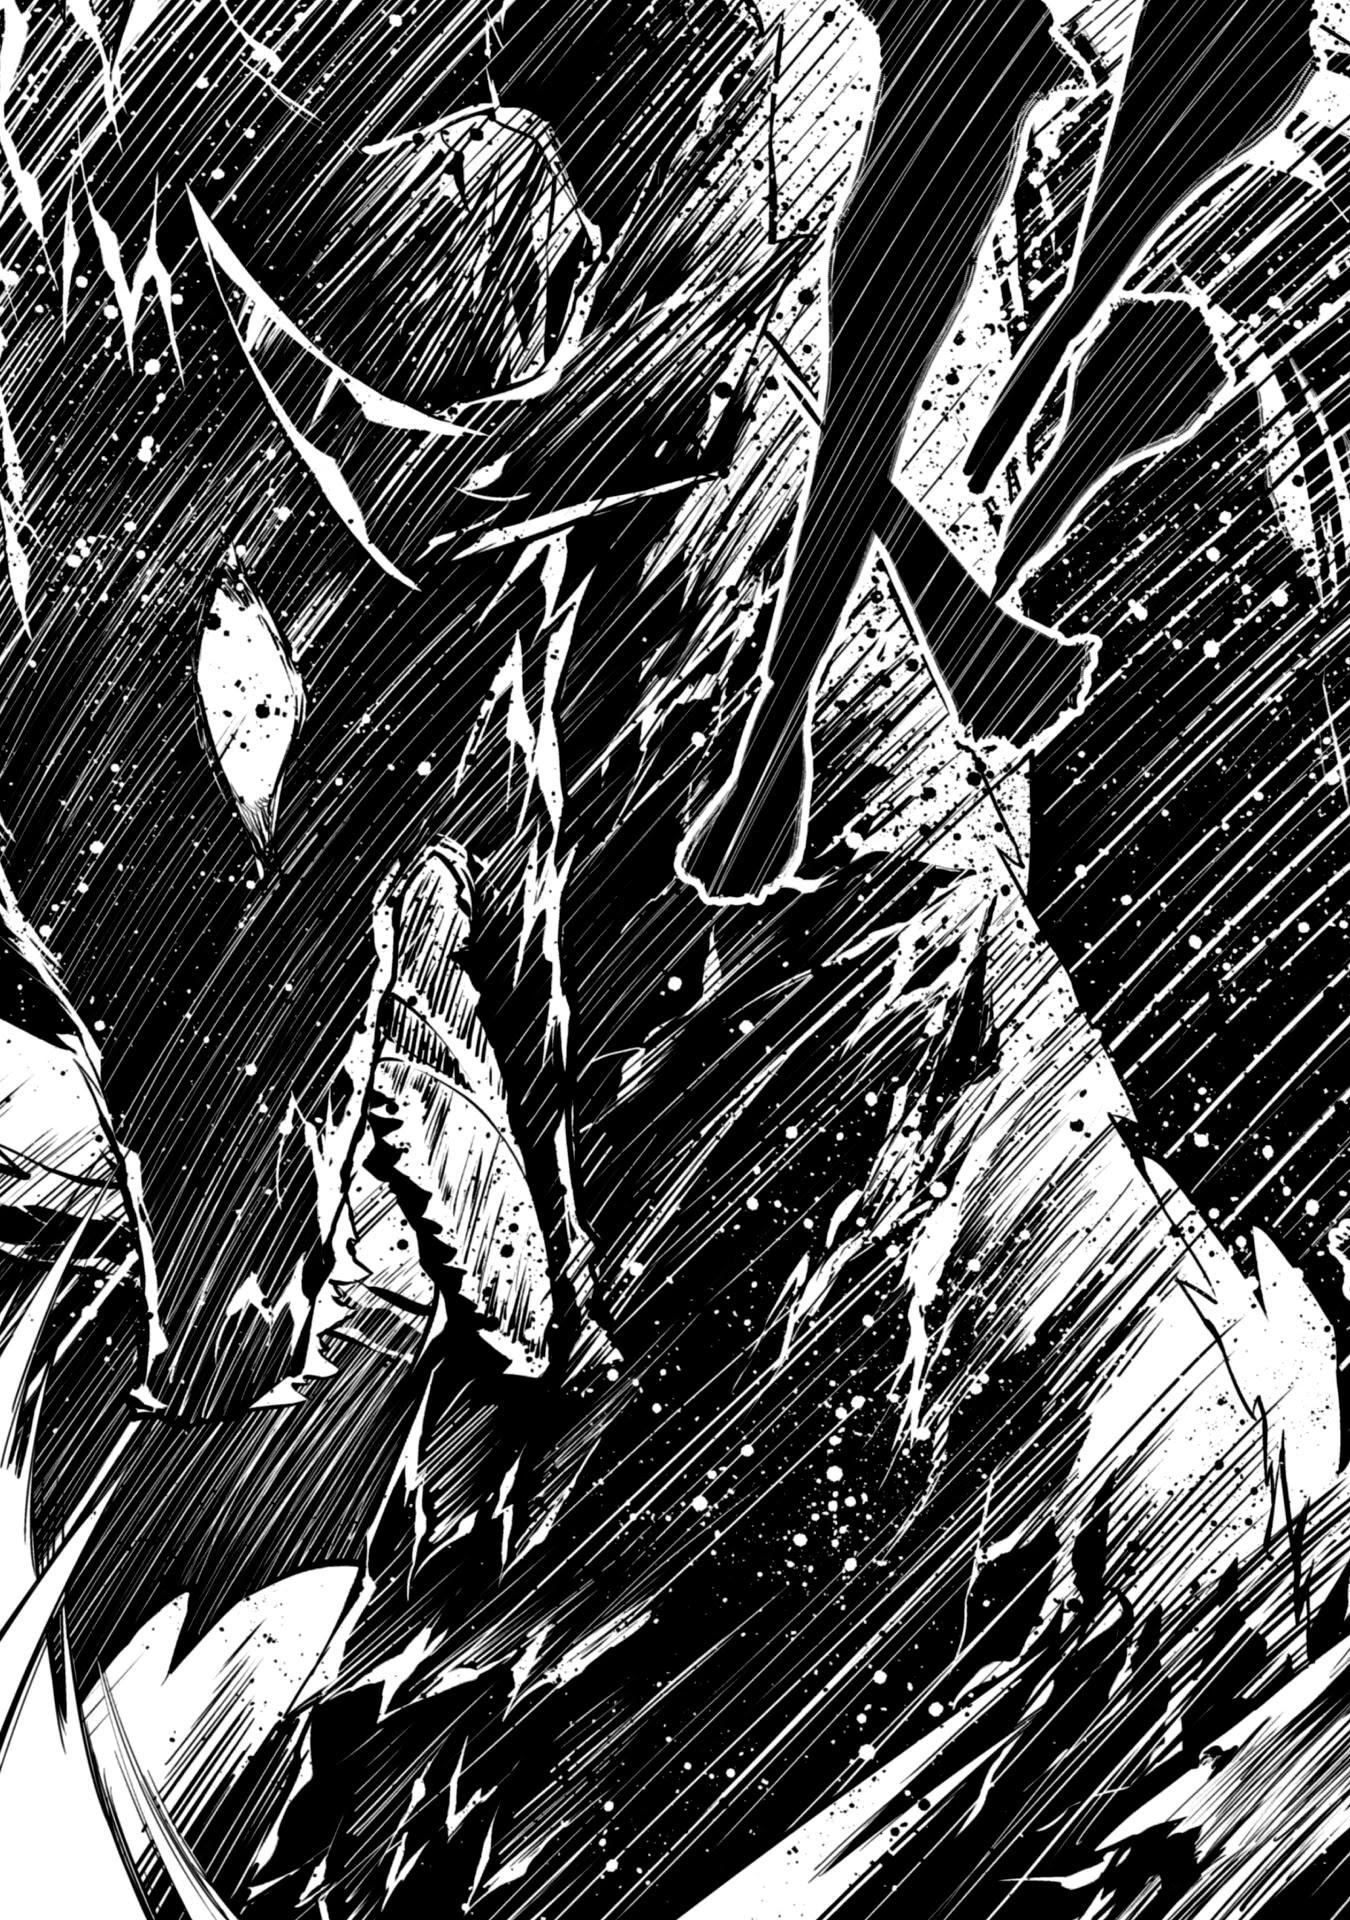 Moto Saikyou No Kenshi Wa, Isekai Mahou Ni Akogareru Chapter 23 page 17 - Mangakakalots.com